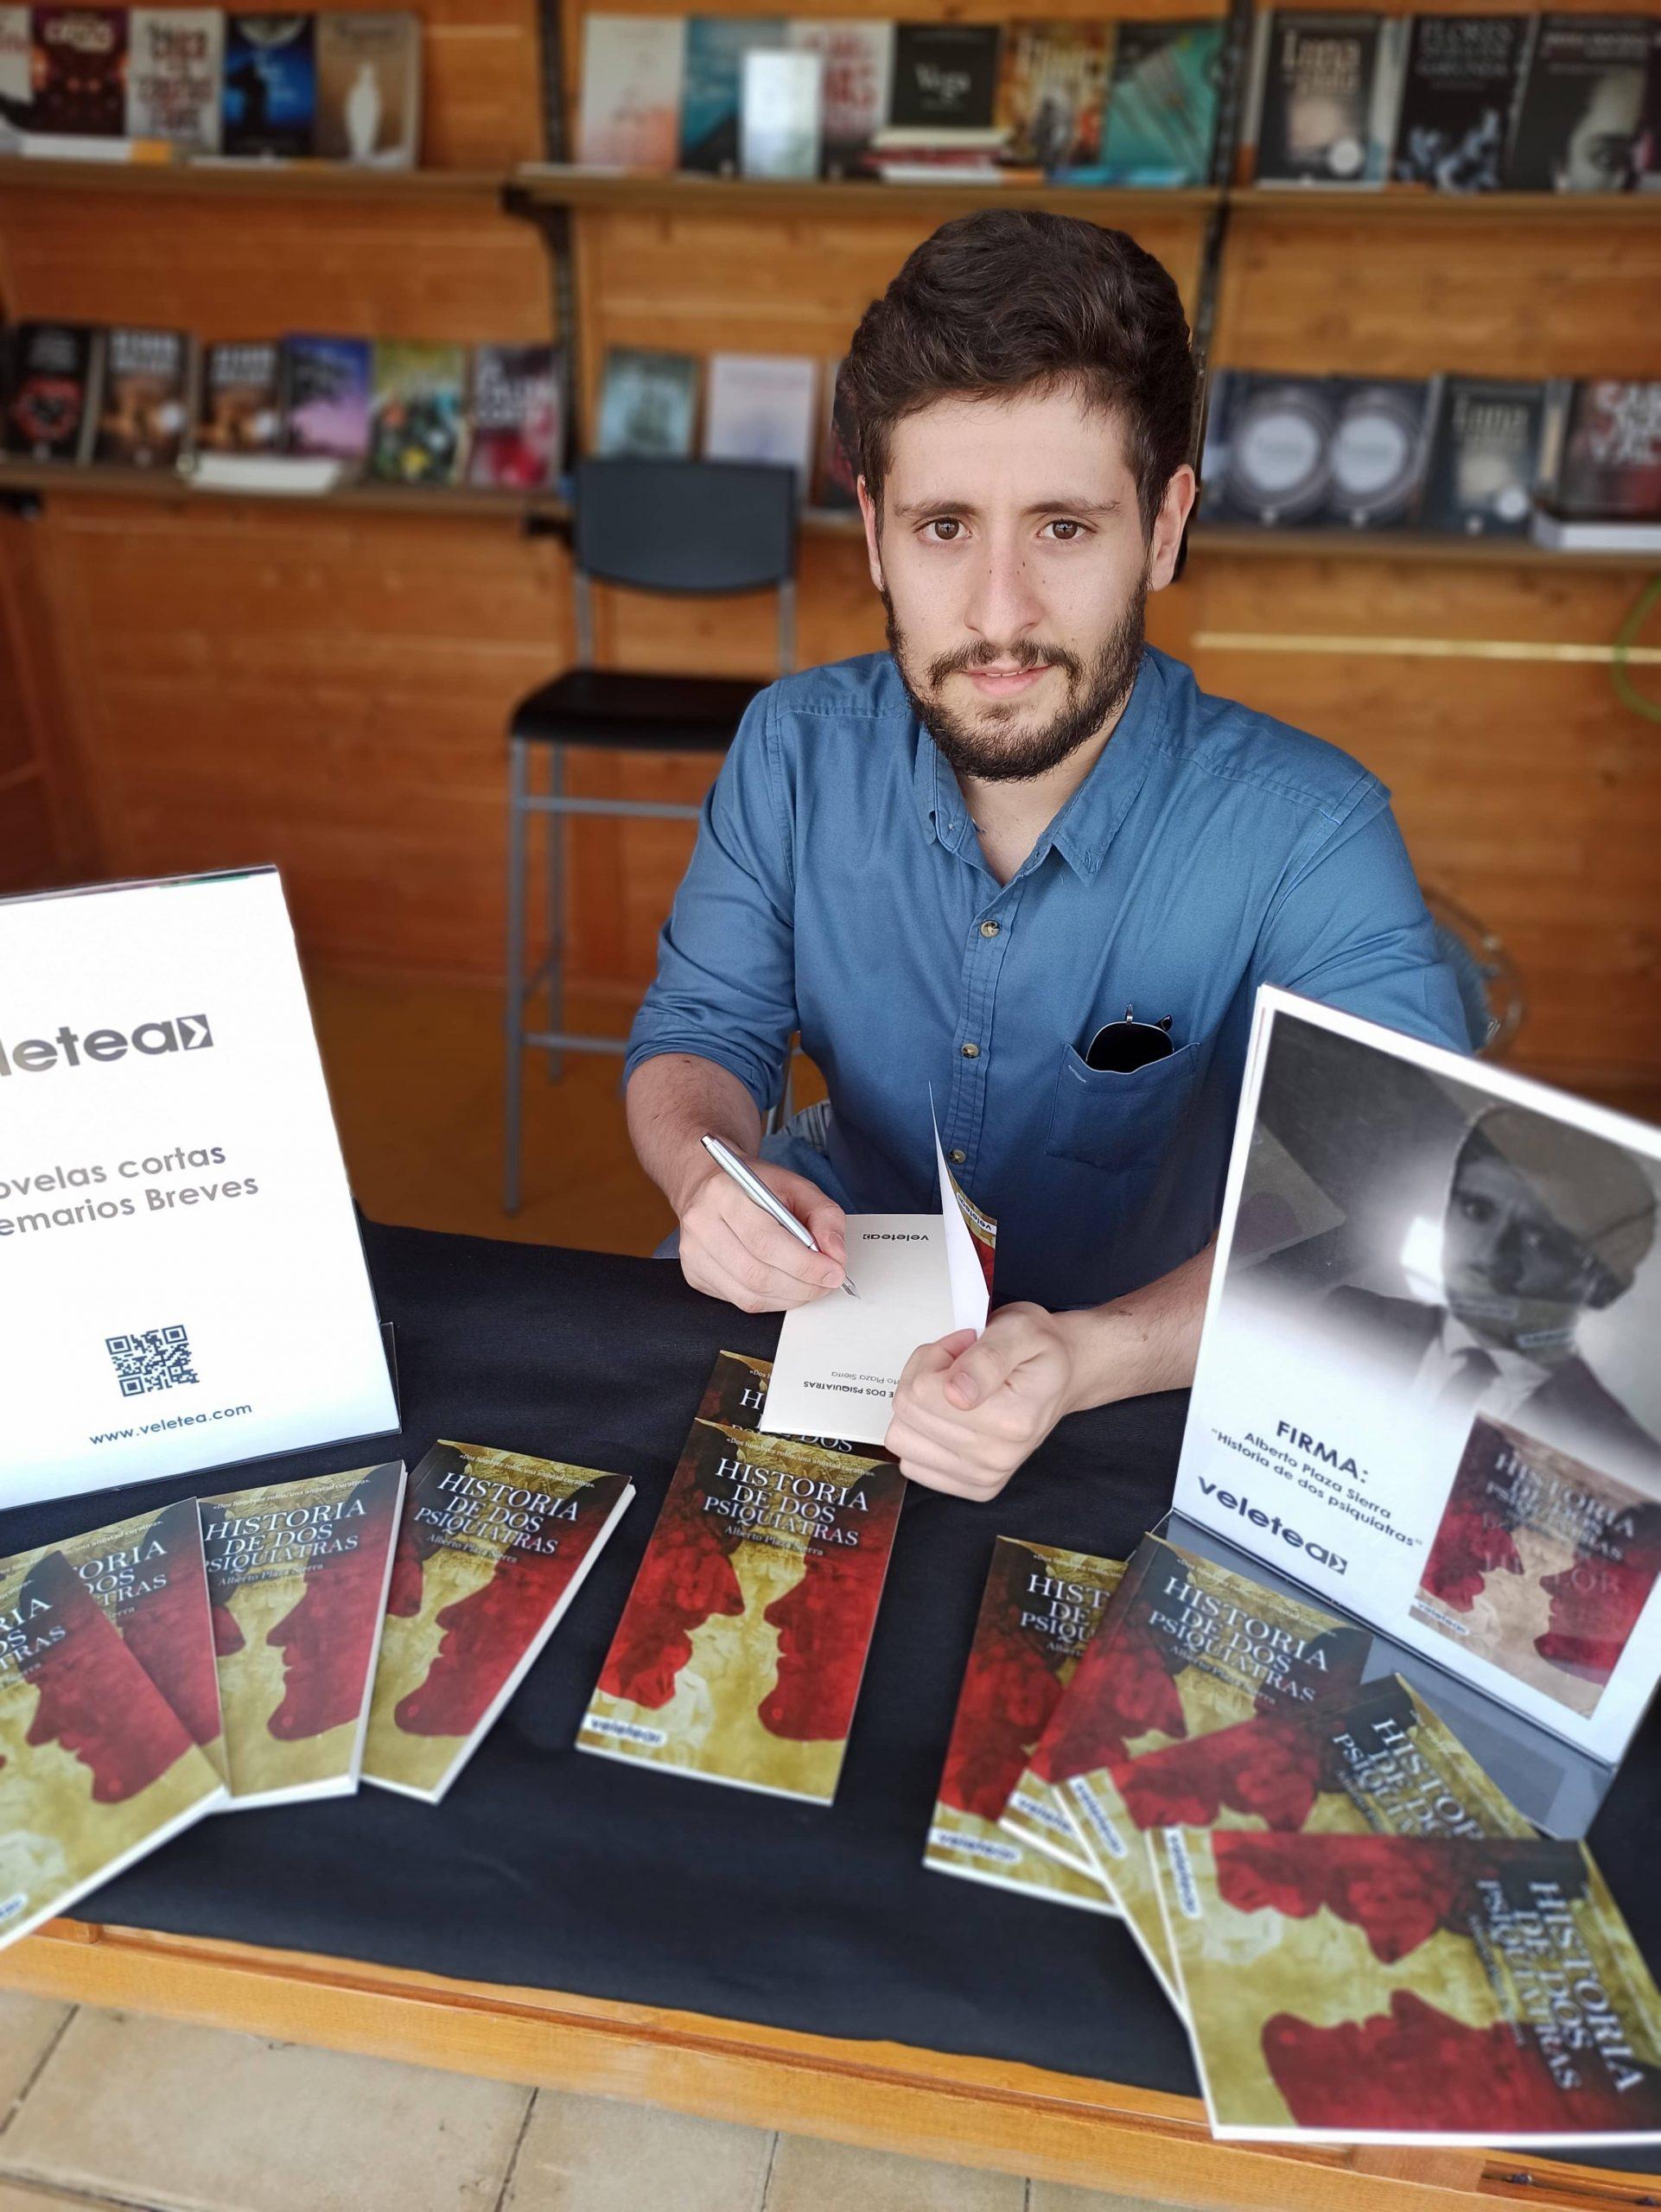 """Alberto Plaza Sierra: """"Quizá el compromiso con uno mismo es el éxito de por sí, sin importar premios ni medallas"""""""